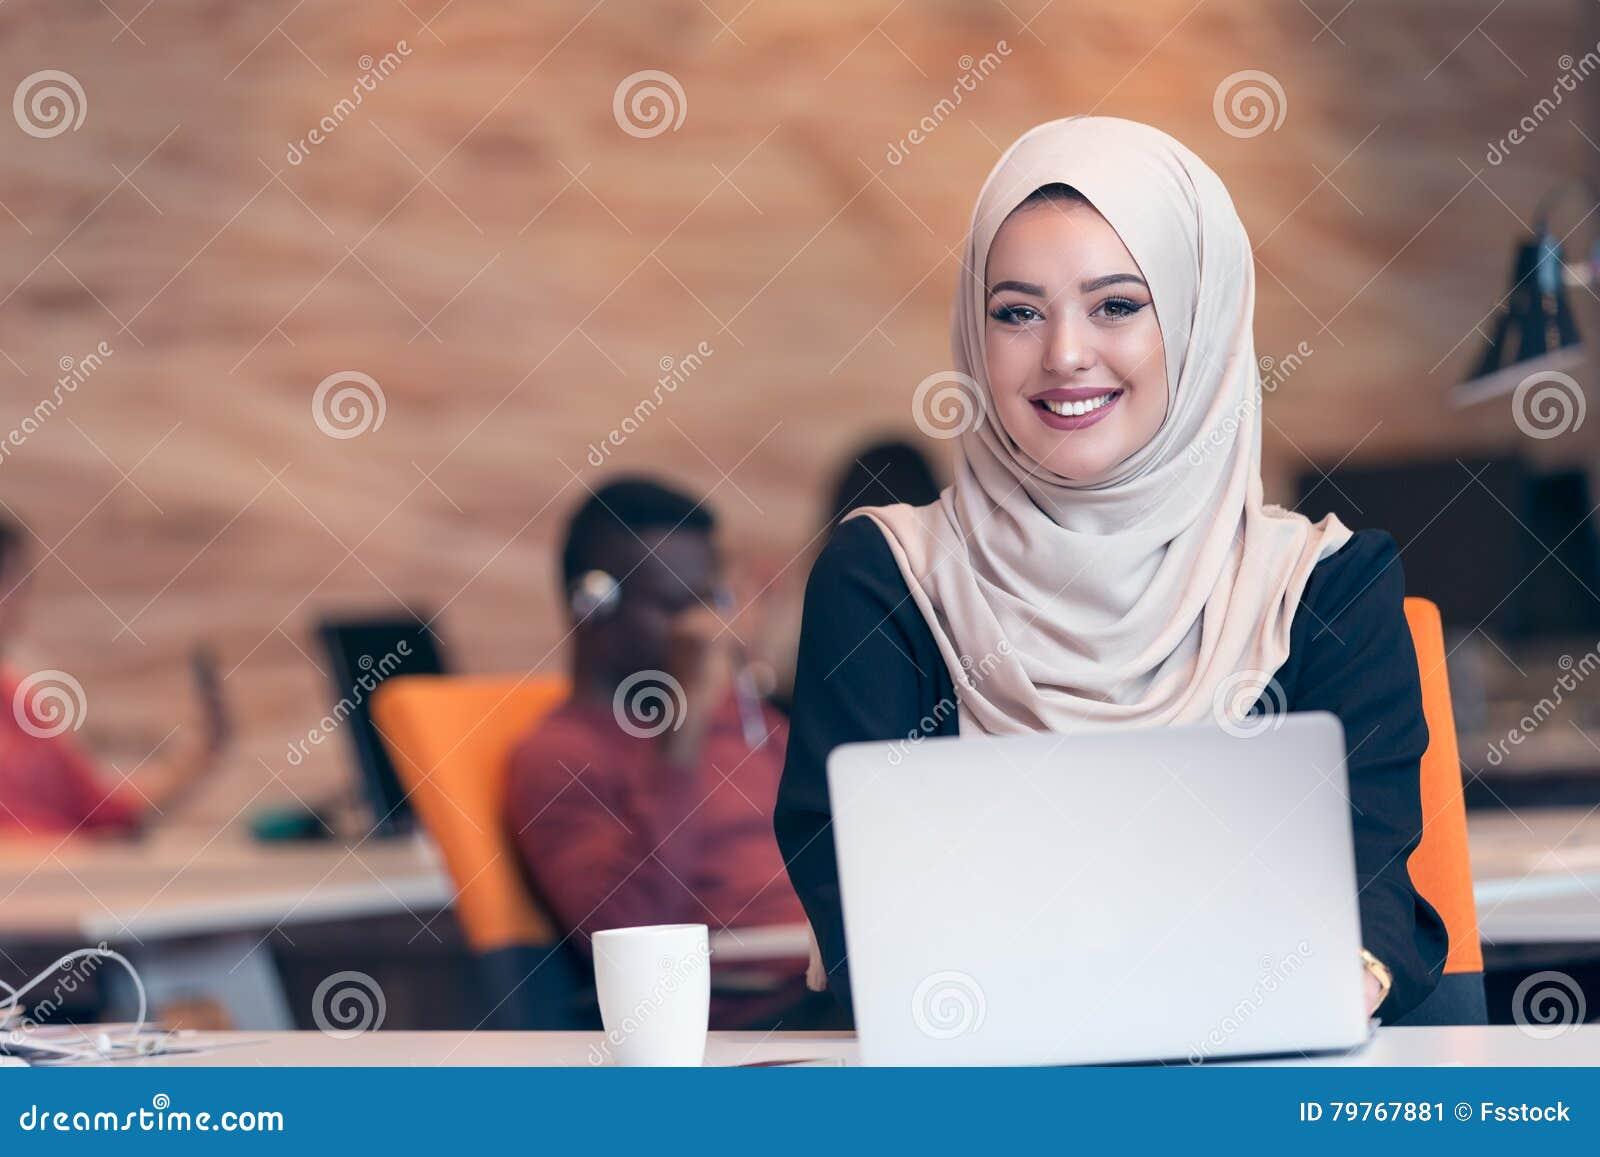 Arabisches Geschäftsfrau tragendes hijab, arbeitend im Startbüro